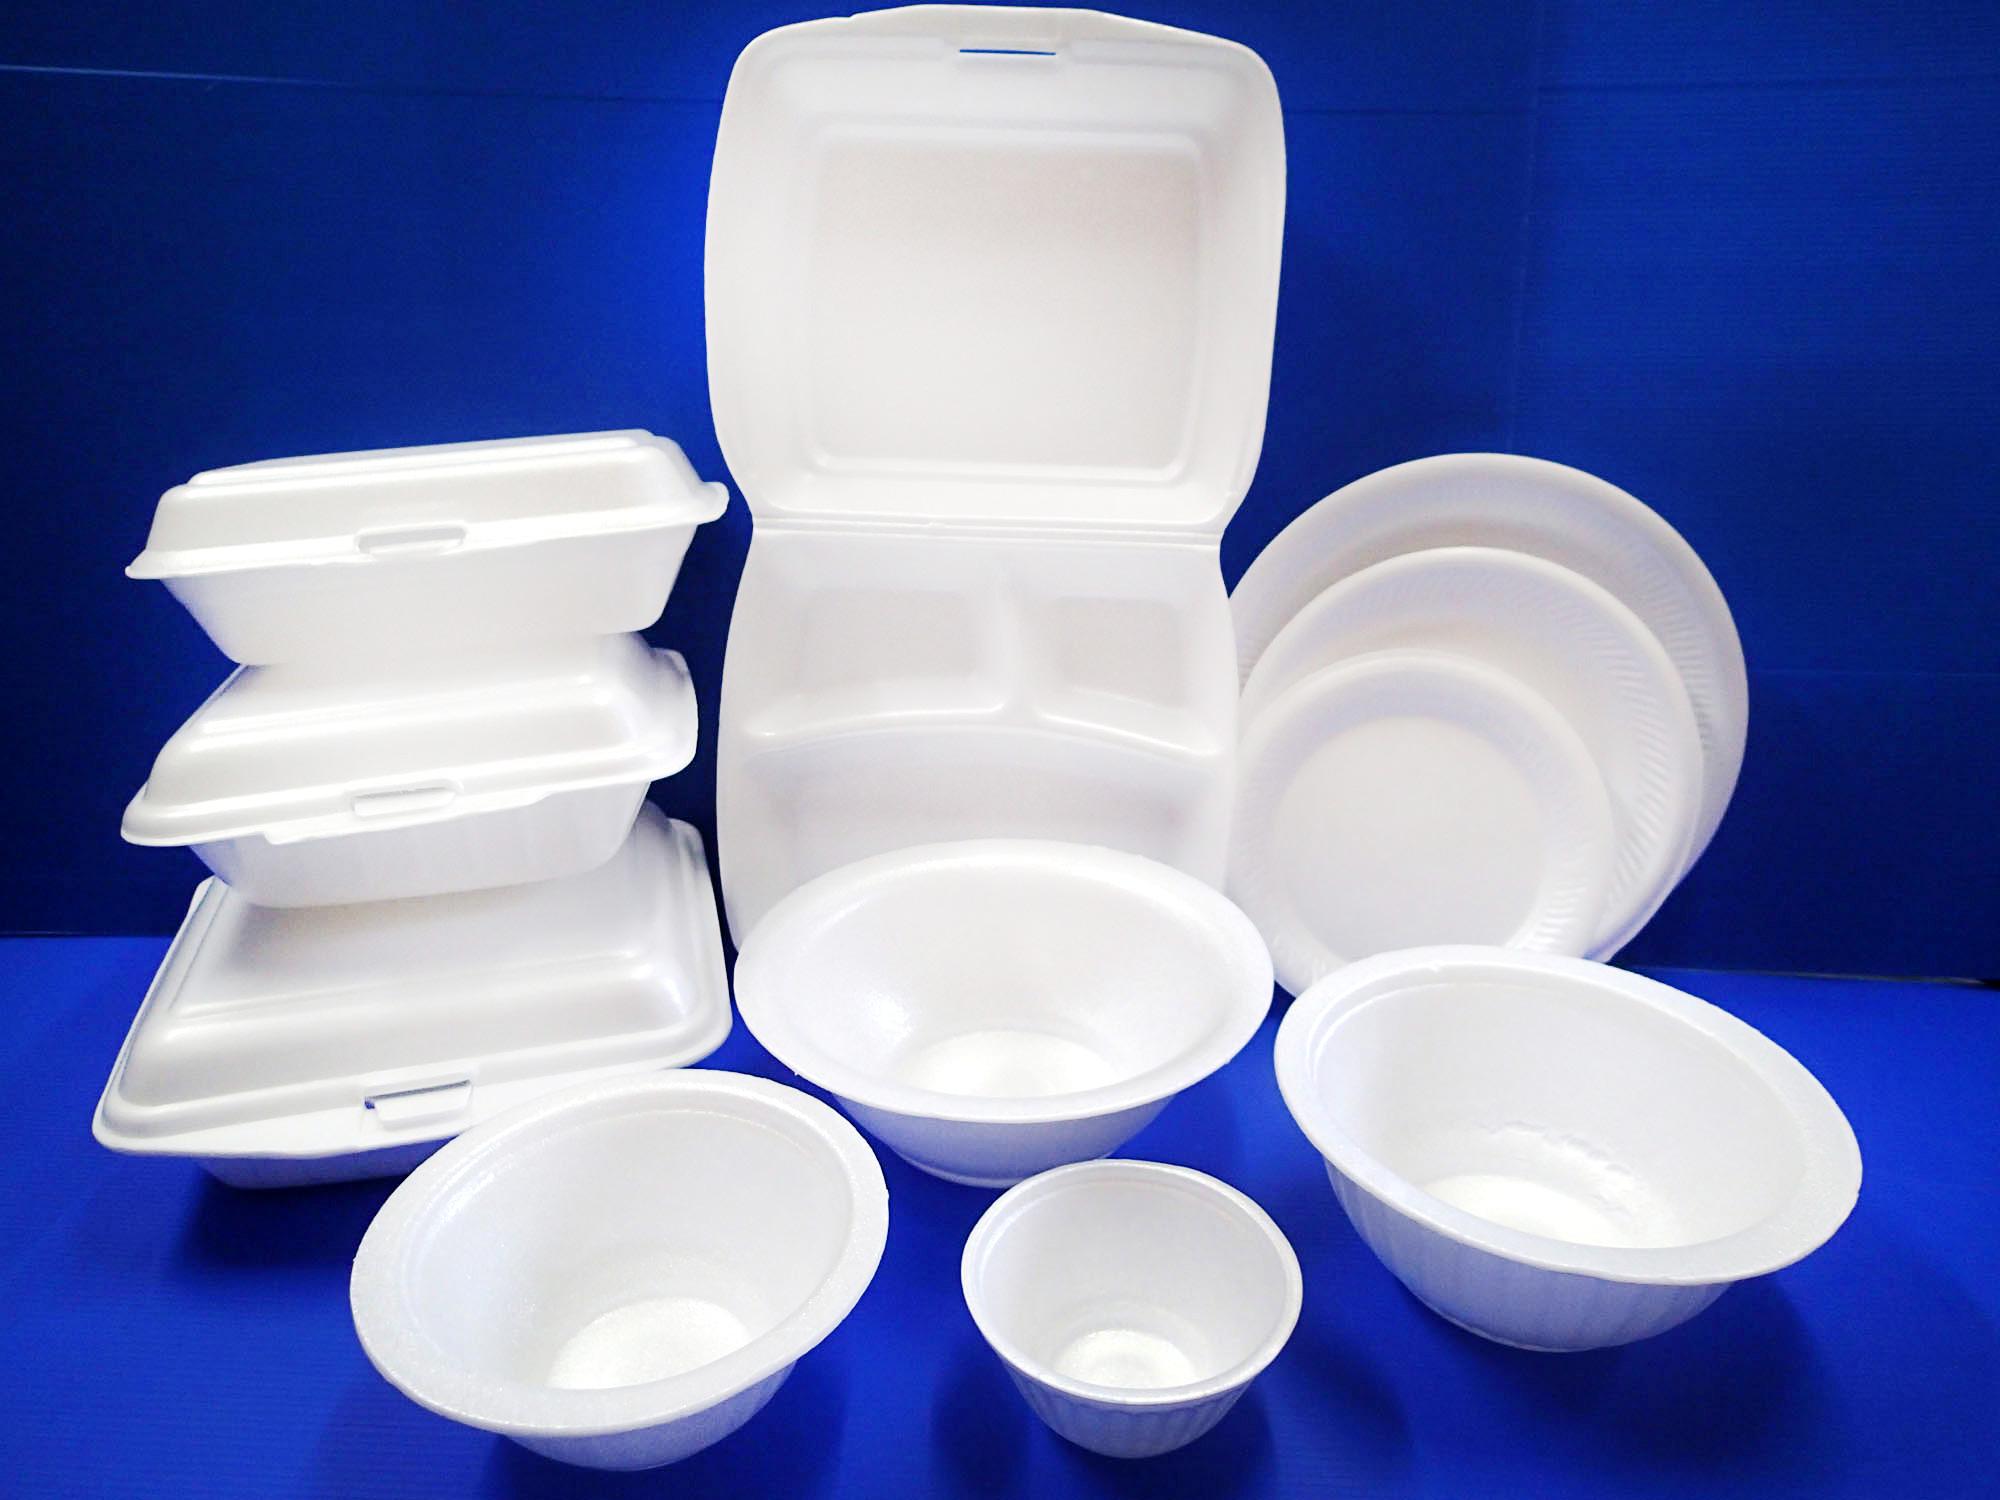 53607db0ed84385075000373_B3-Foam-Boxes%2C-Plates-%26-Bowls-1.jpg